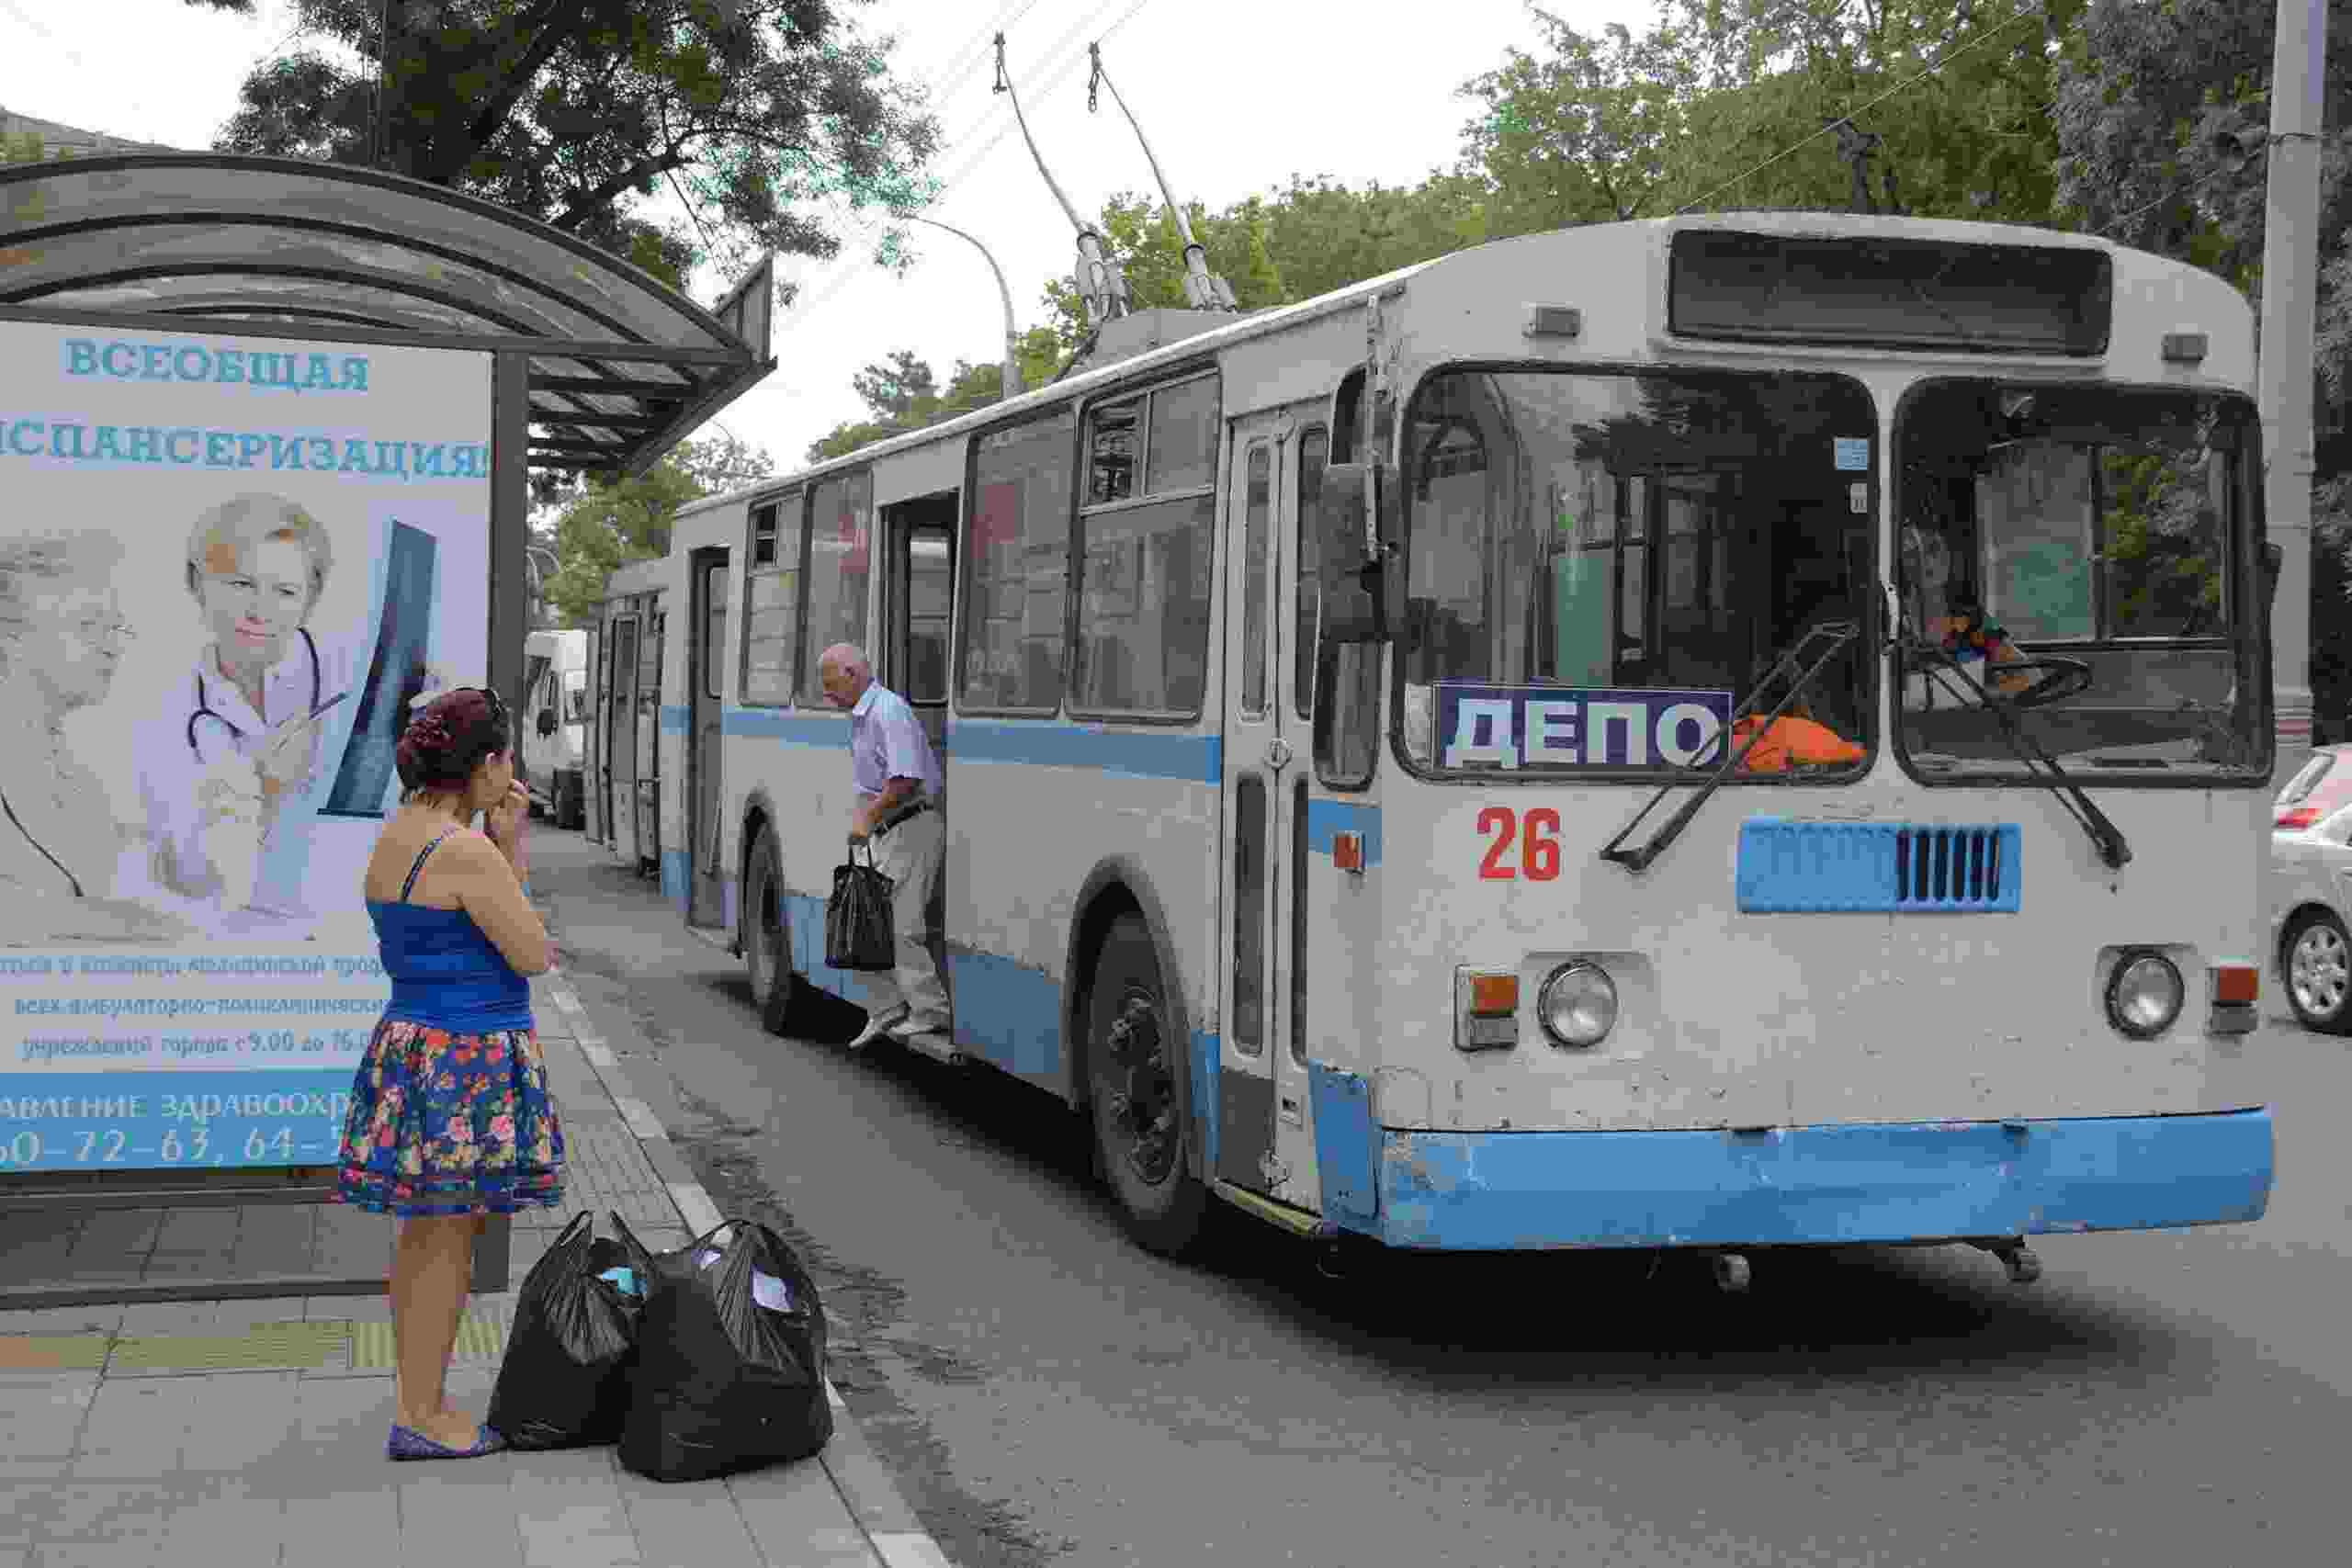 ВНовороссийске школьники истуденты будут ездить бесплатно